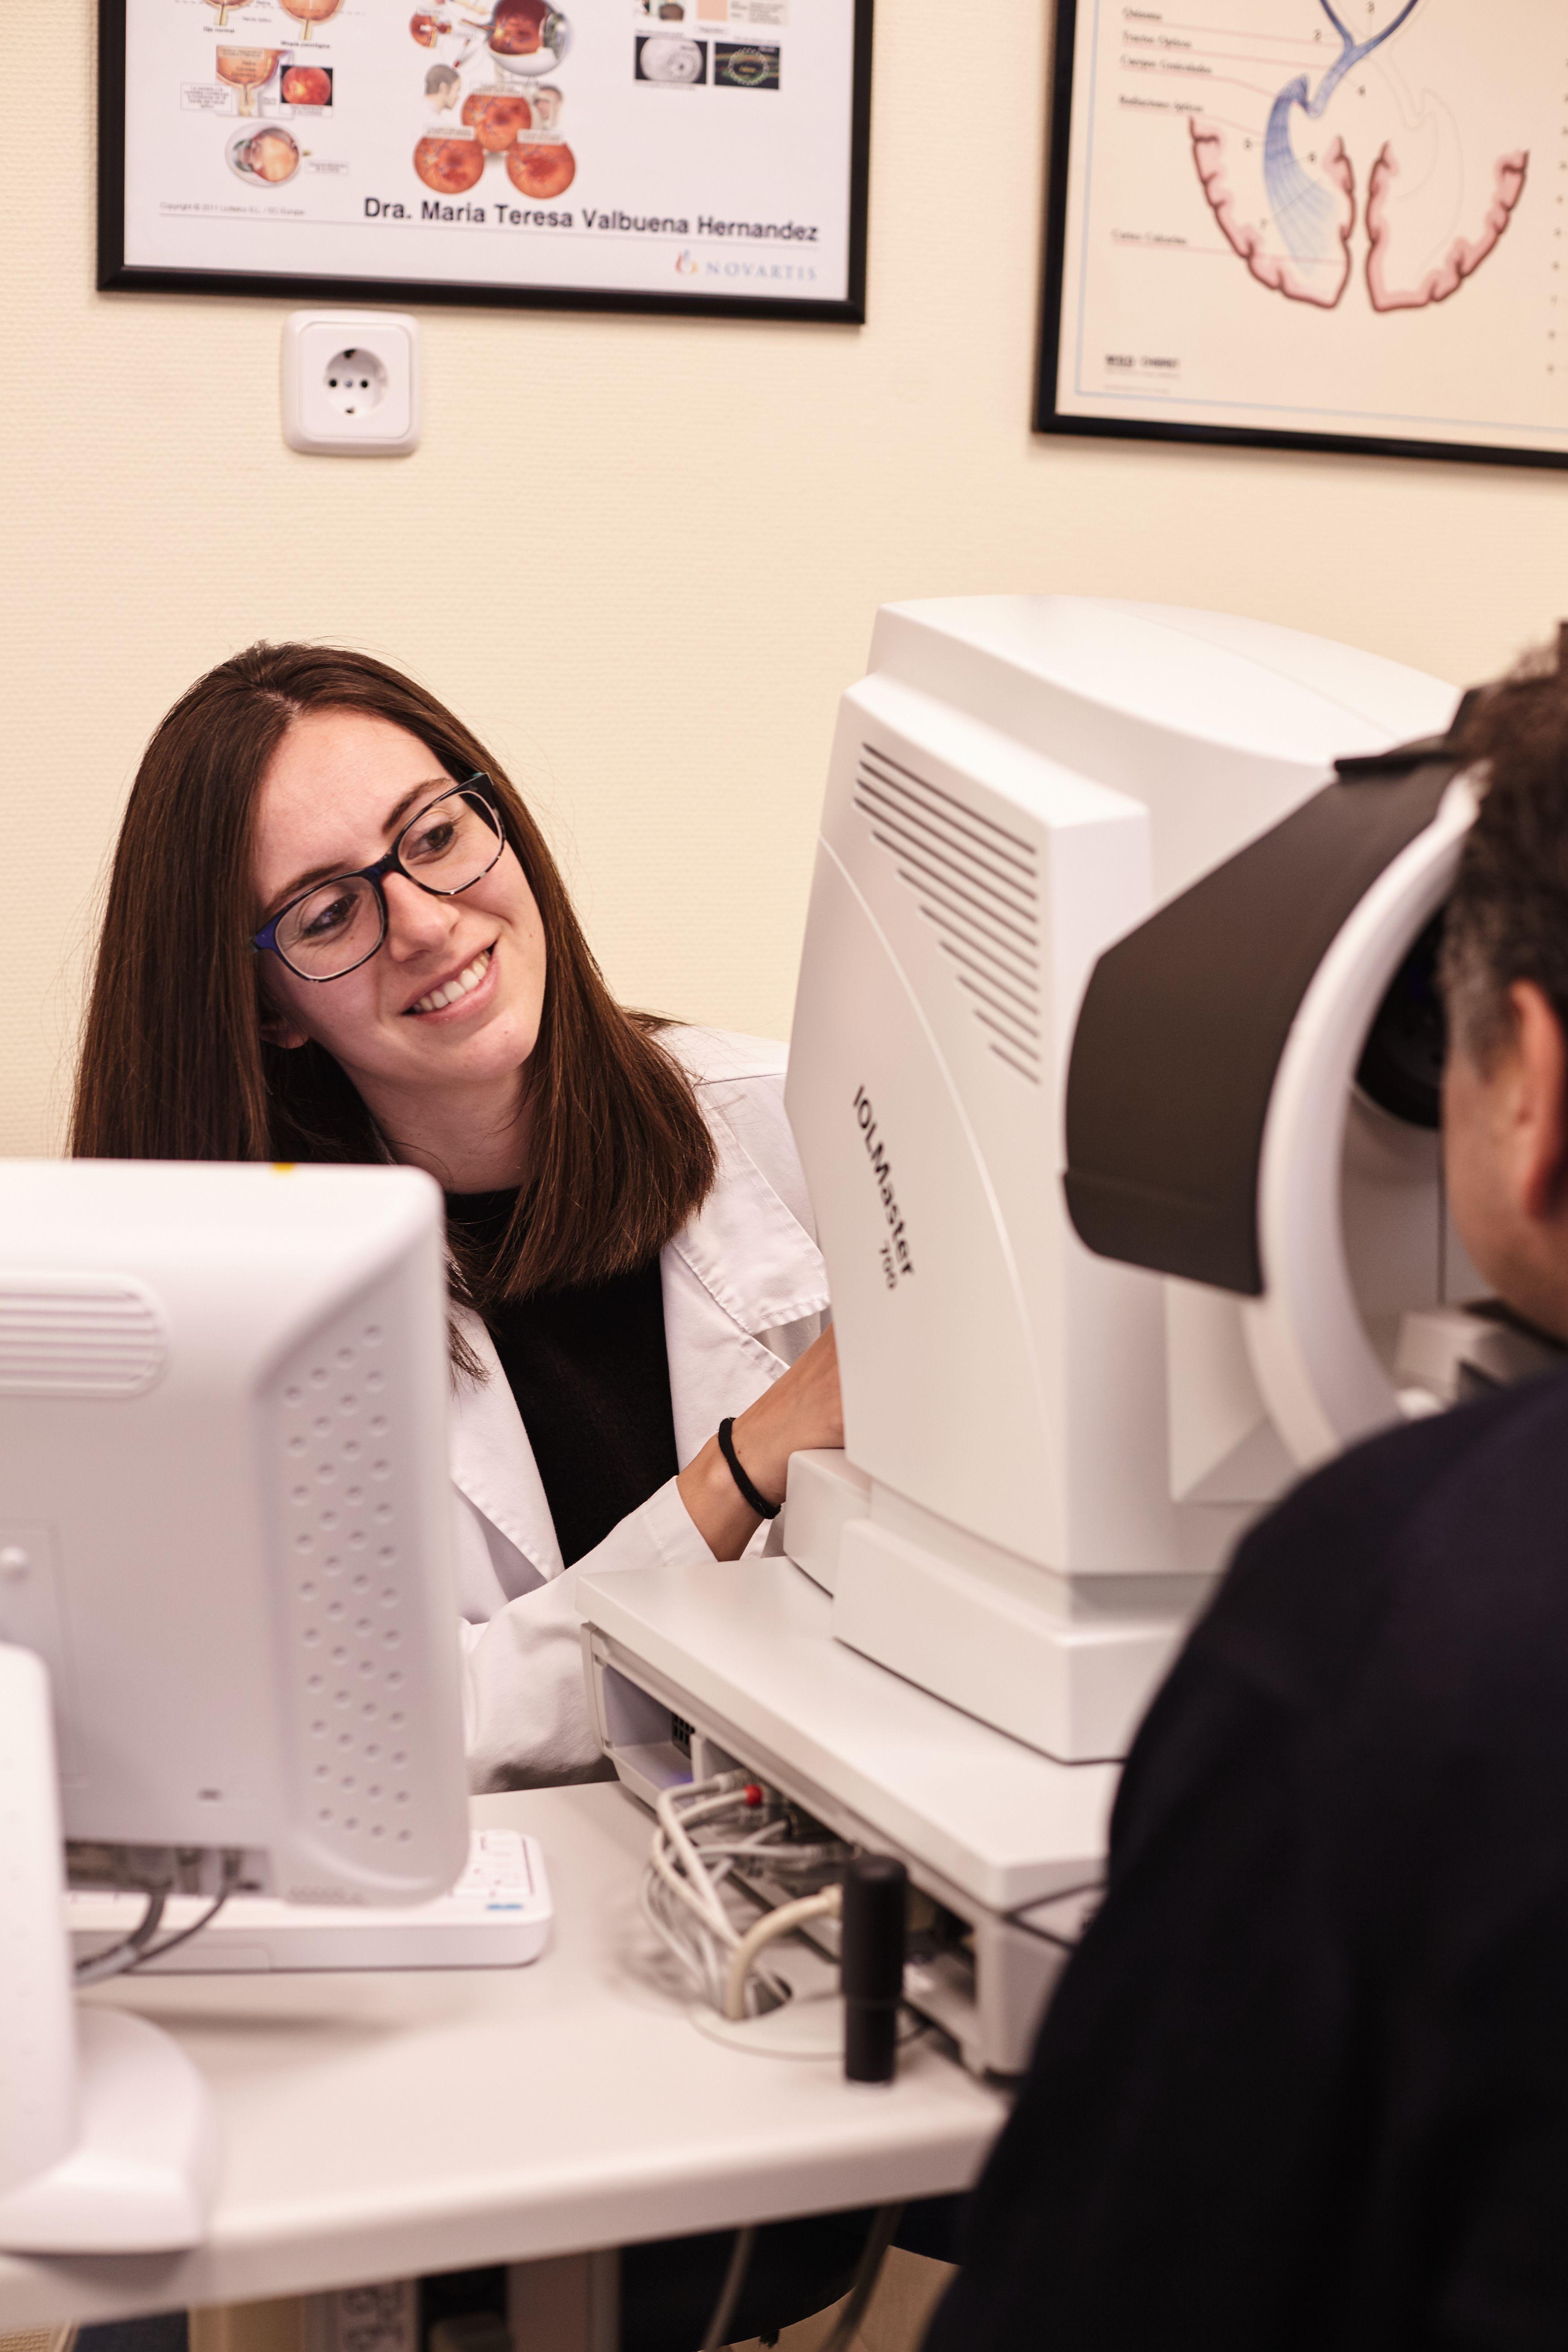 8386354d95 Gran experiencia en cirugía oftalmológica general, cirugía plástica ocular  y cirugía oftalmológica pediátrica.